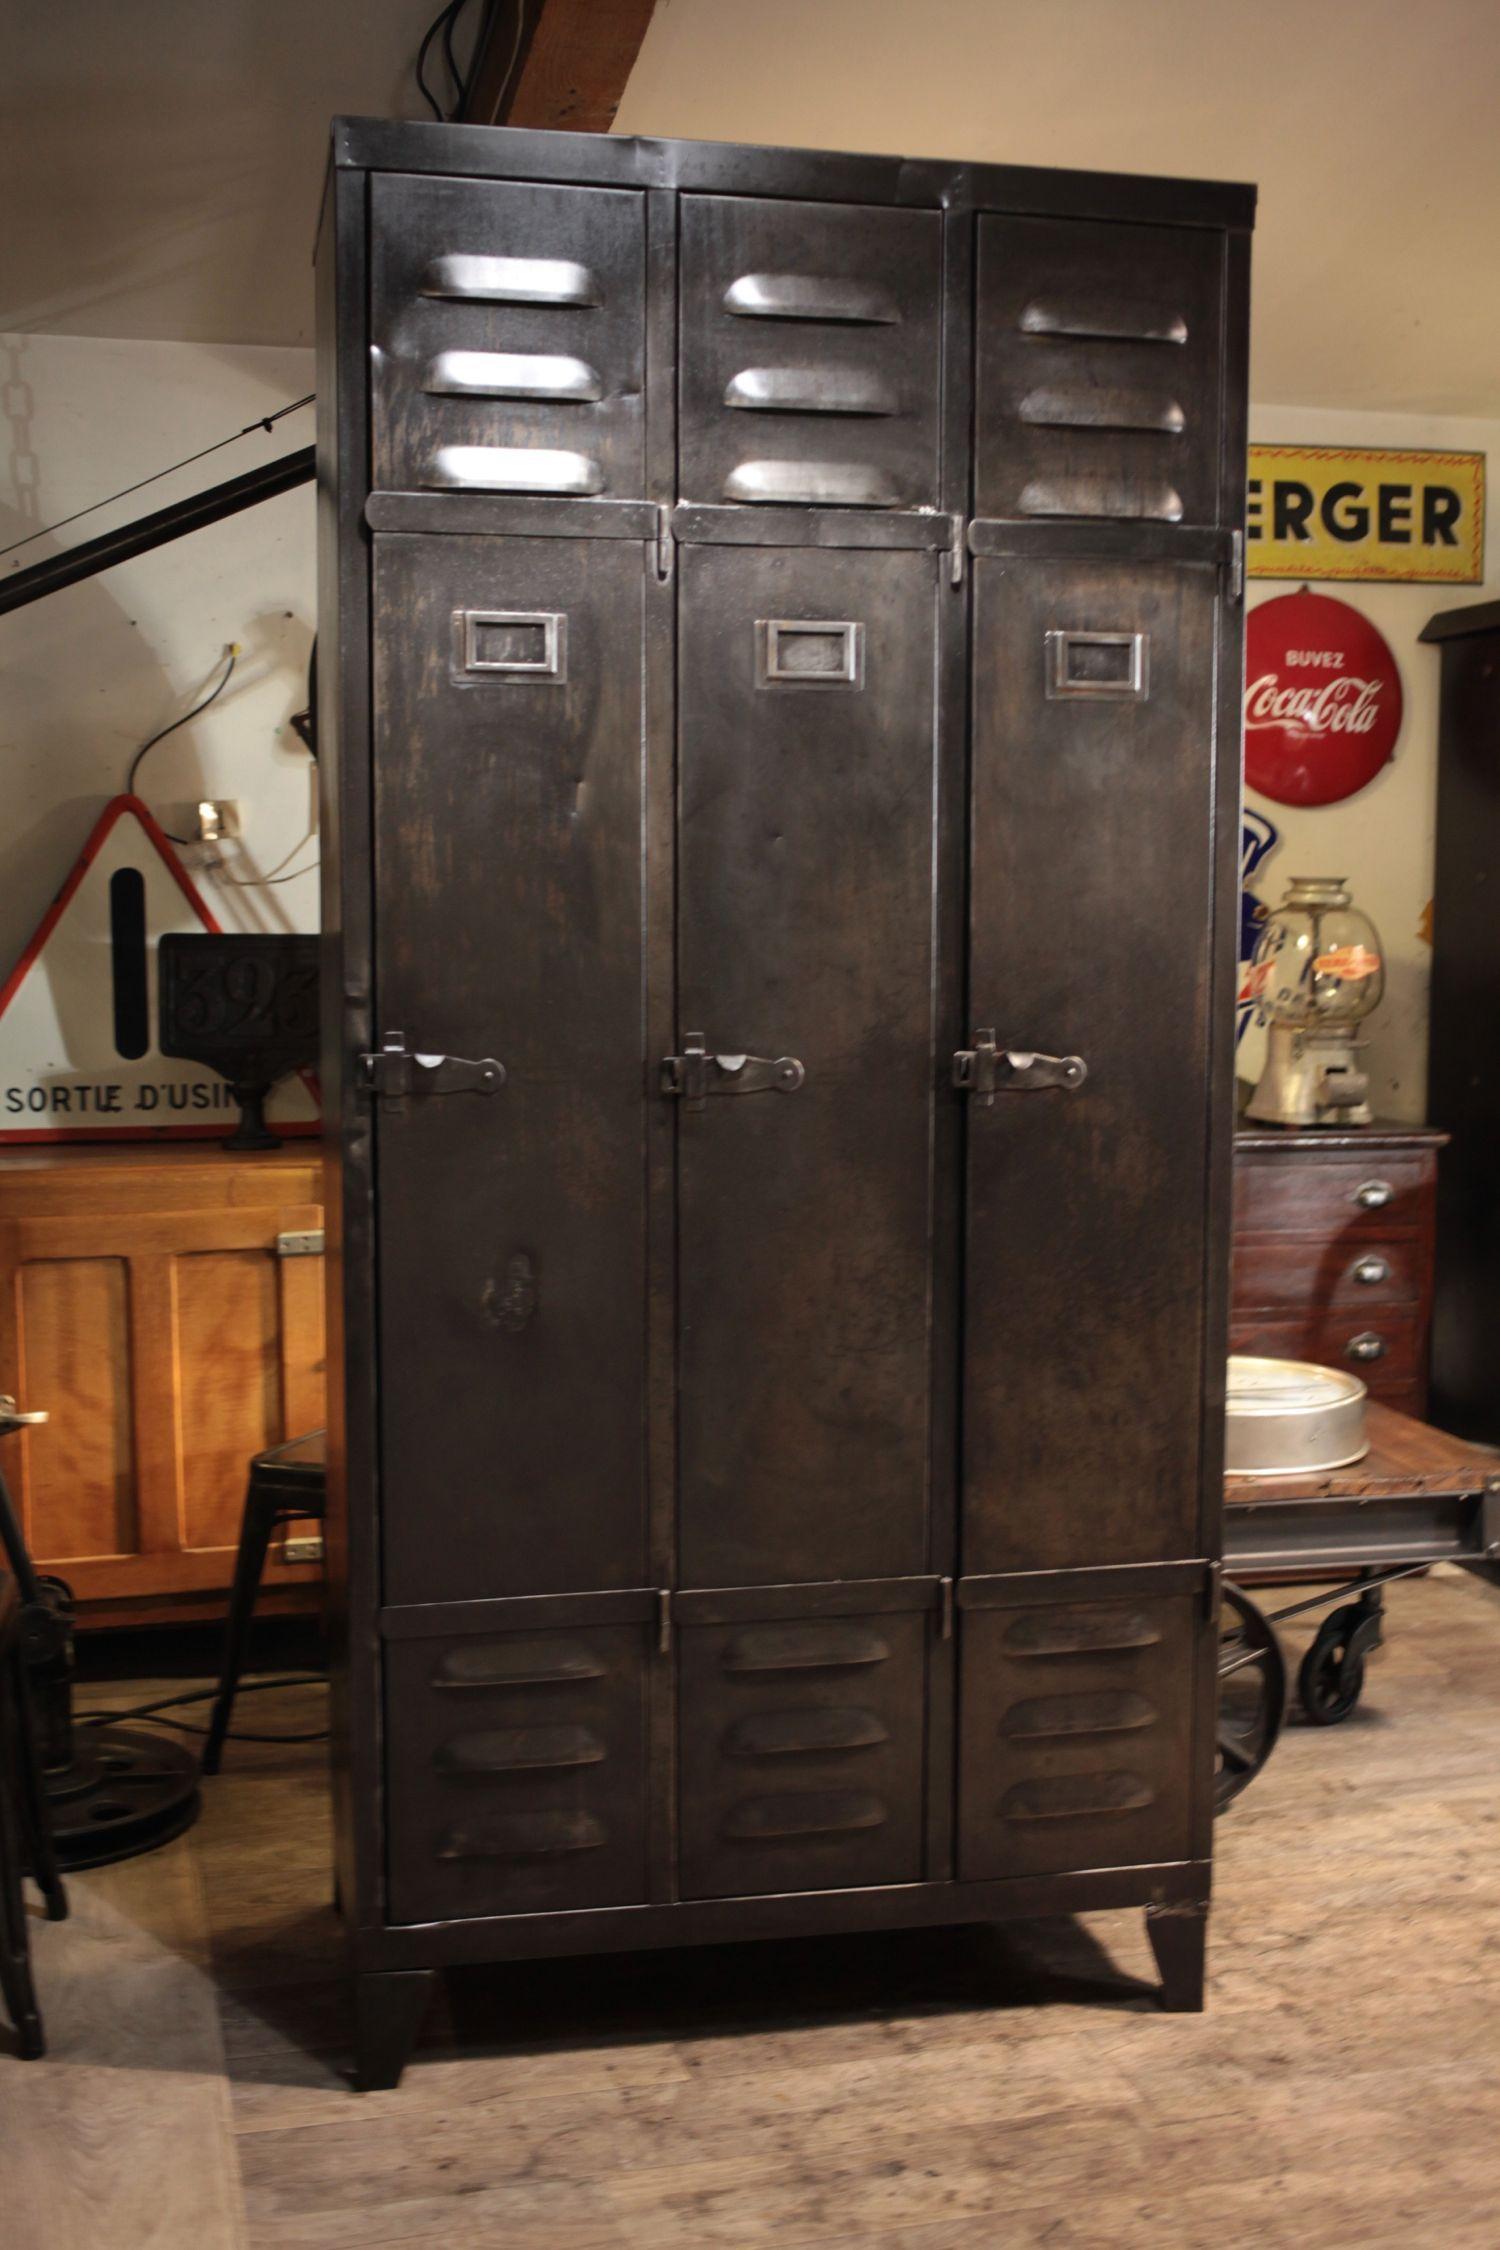 meuble industriel ancien deco loft | renover vestiaire | Pinterest ...